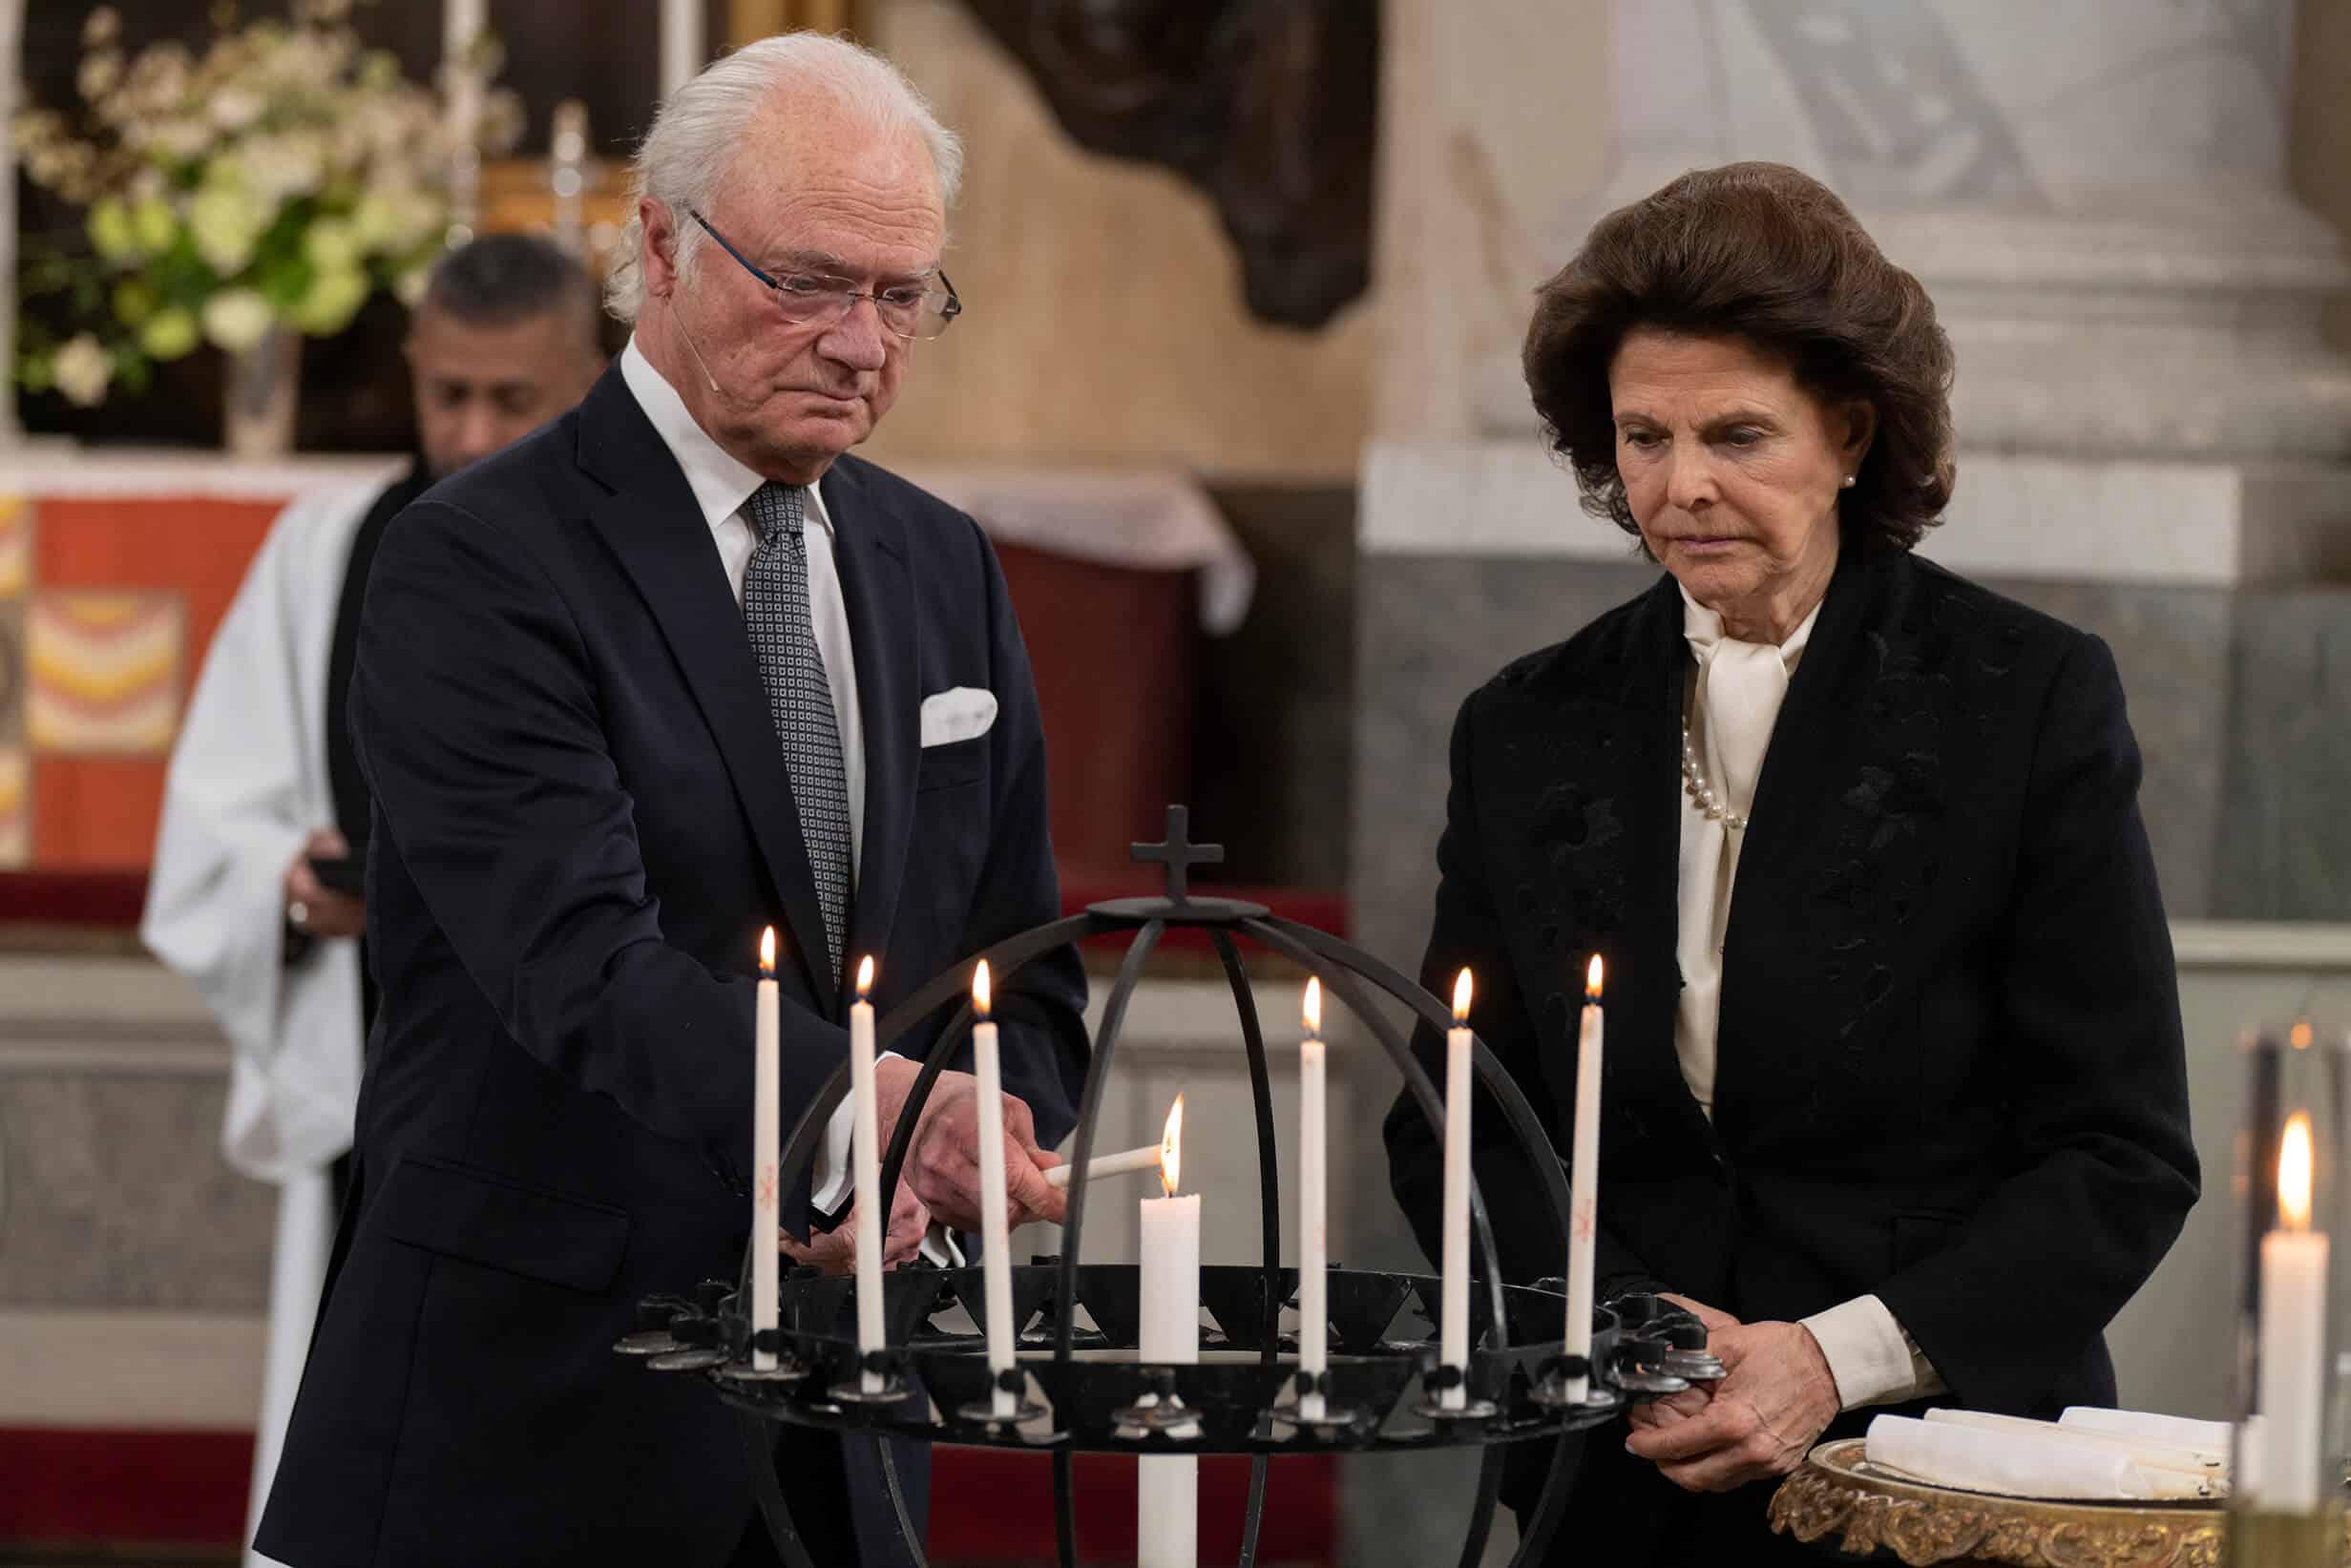 Schwedische Royals: Emotionaler Auftritt